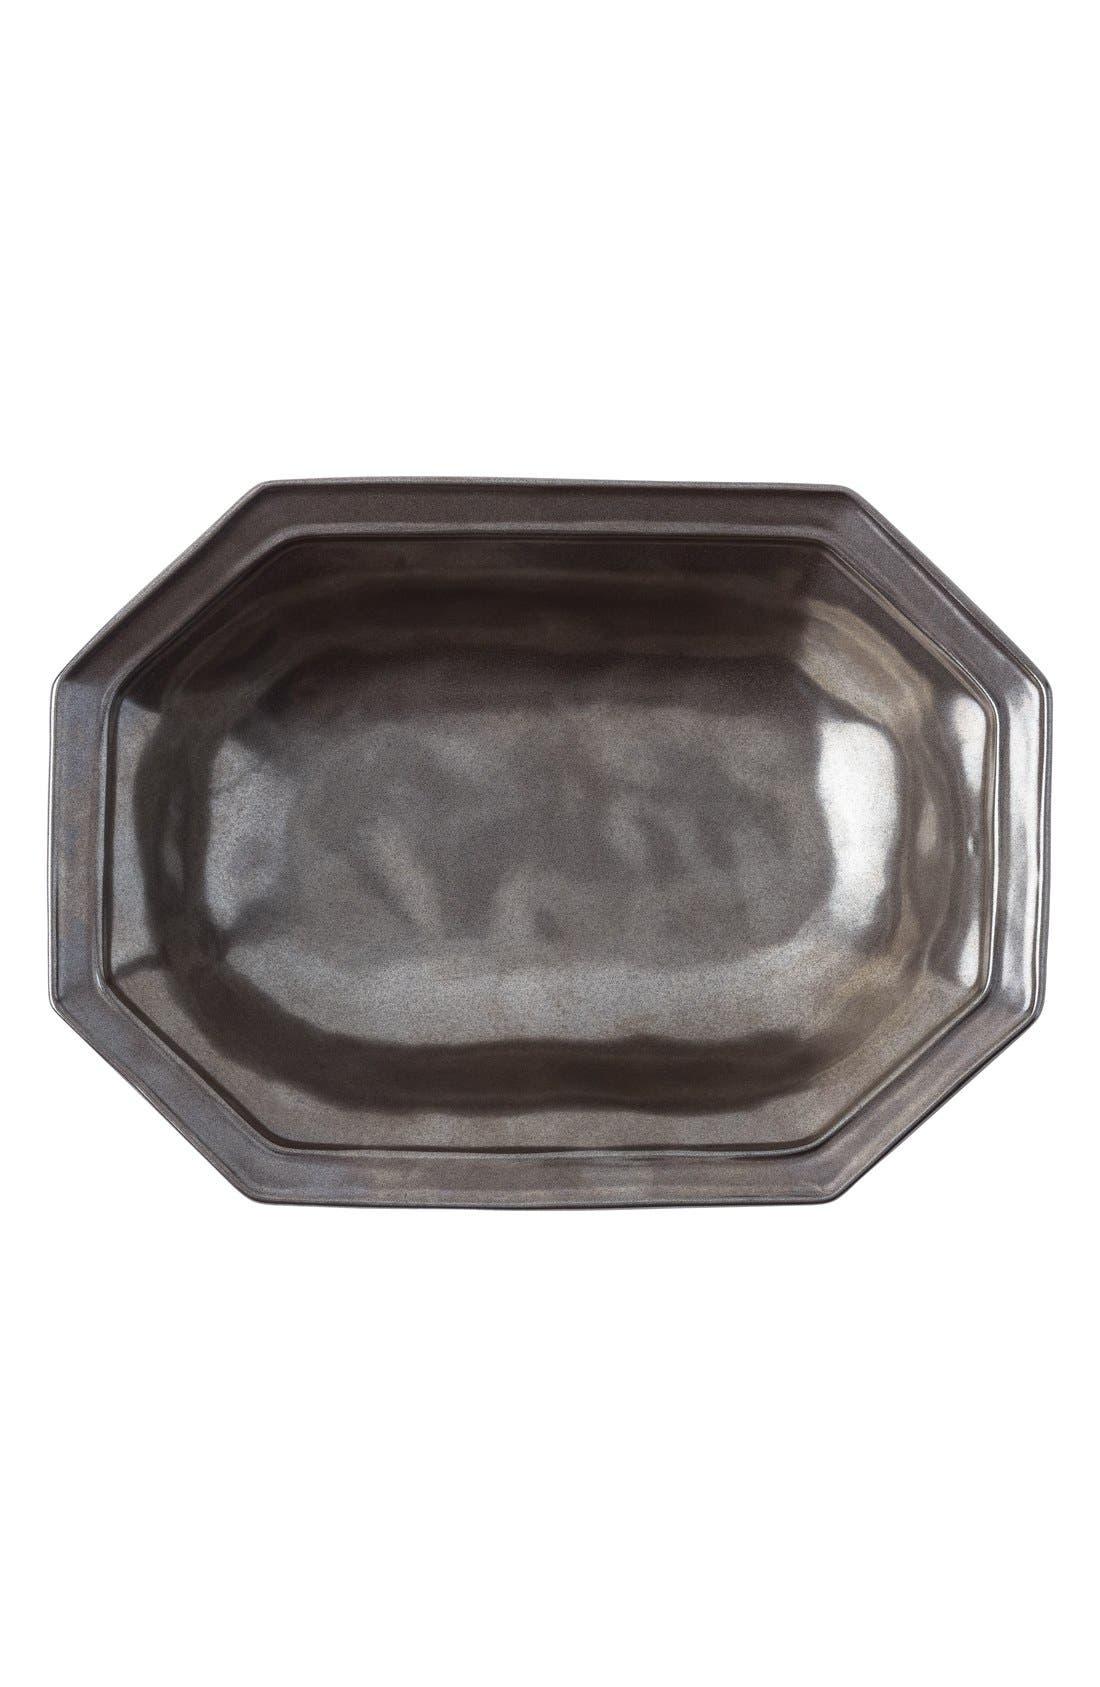 Main Image - JuliskaPewter Stoneware Octagonal Serving Bowl